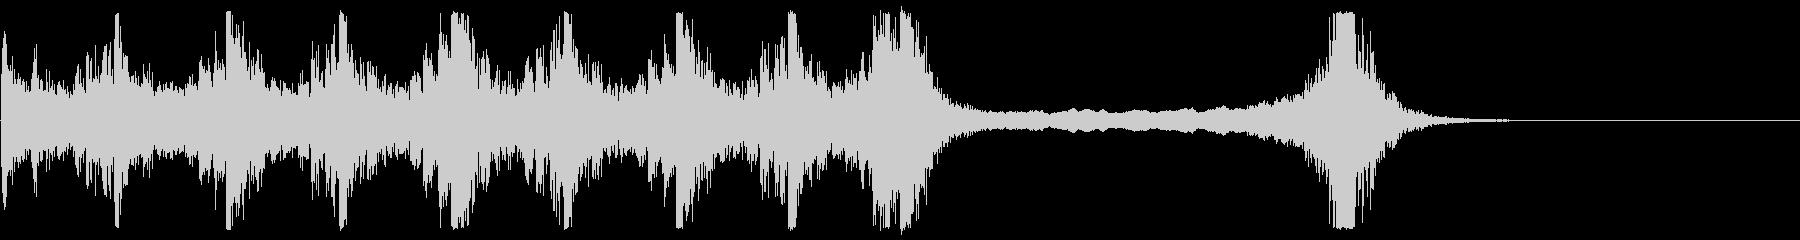 緊張感のあるオーケストラと電子音サウンドの未再生の波形